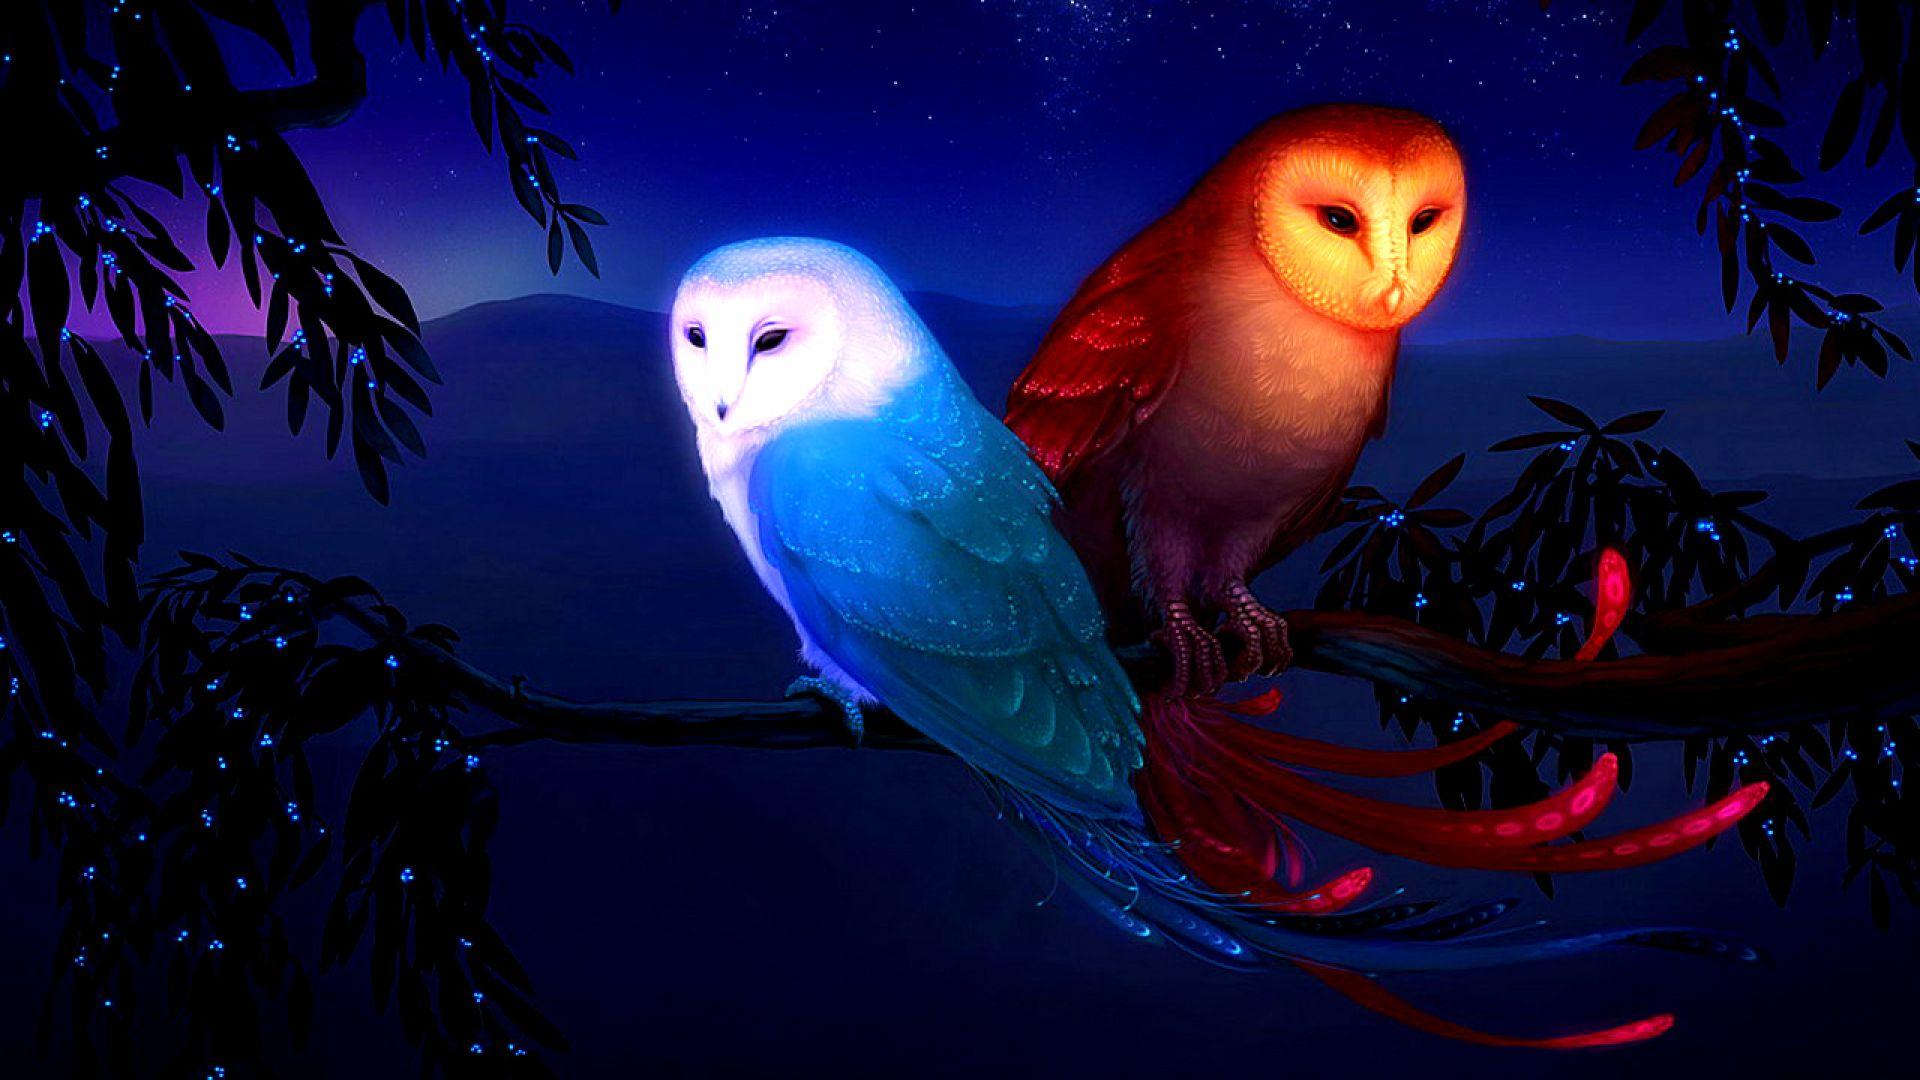 Hola Amigos Aca Les Dejo Unos Fondos De Pantalla En Muy Buena Calidad Les Aclaro Cuando Digo Suerte Es Porque Según Dicen S Owl Wallpaper Owl Spirit Animal Owl